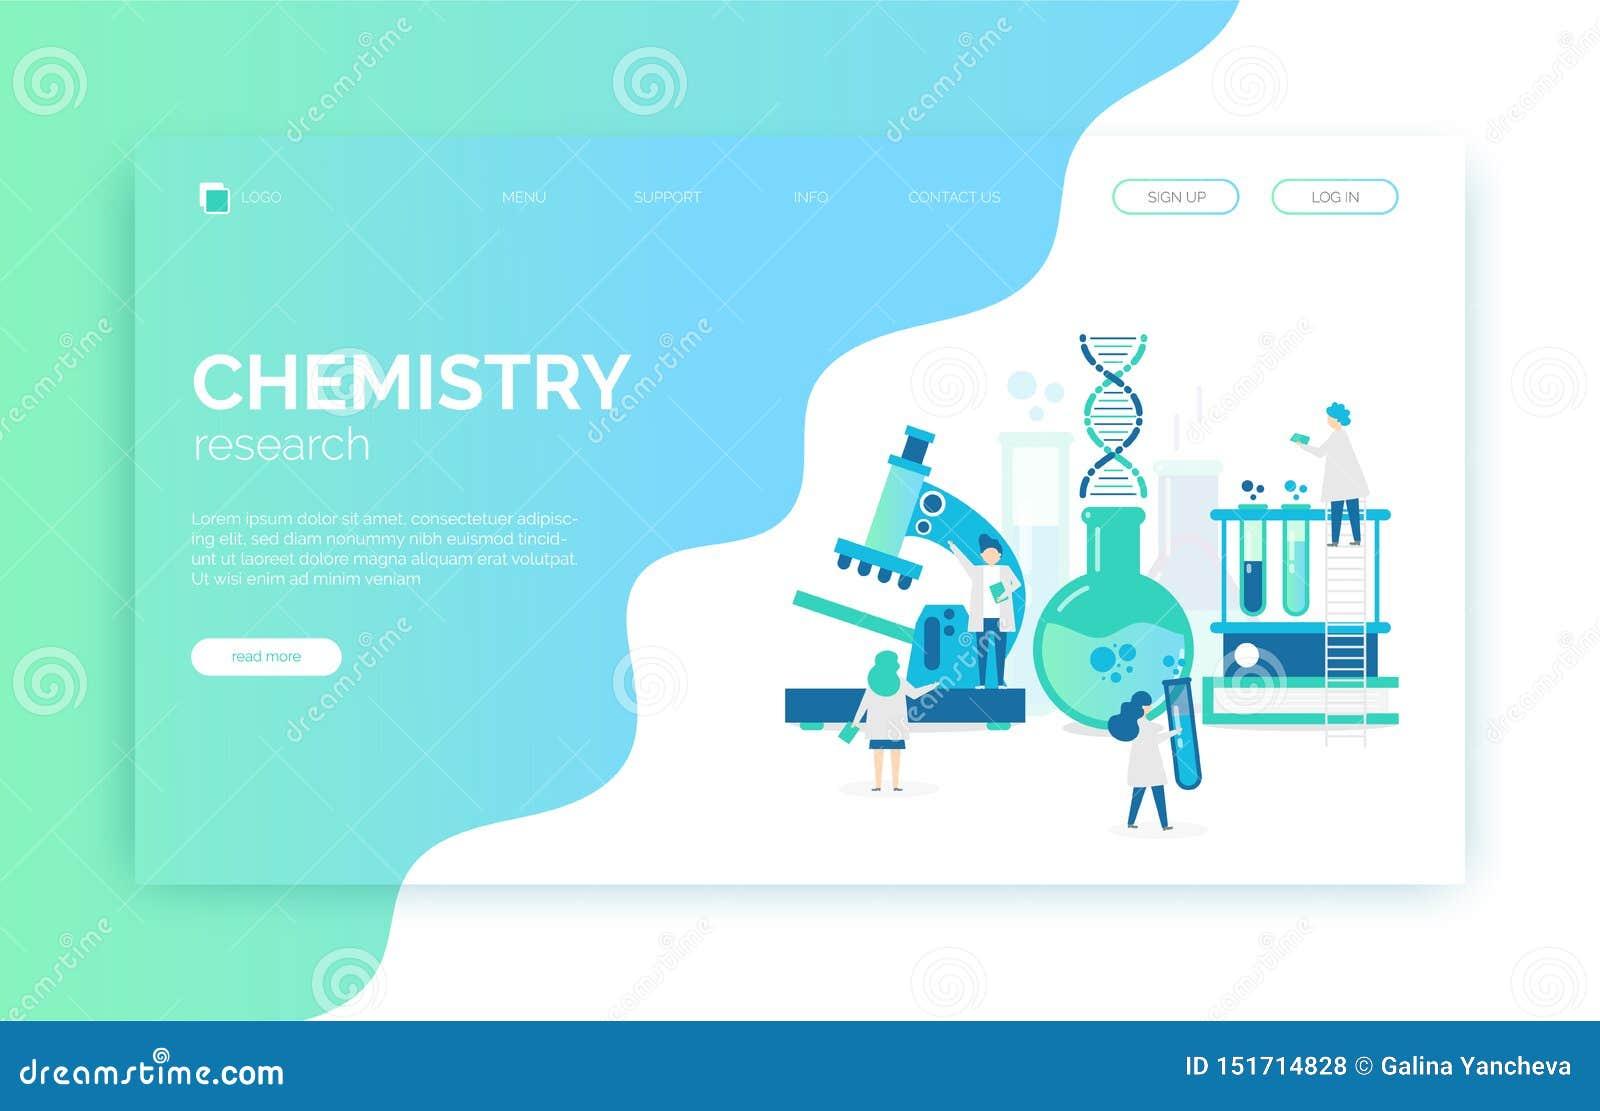 Chemische Laborillustration mit Wissenschaftlern, Mikroskop, Rohre, DNA, erforscht